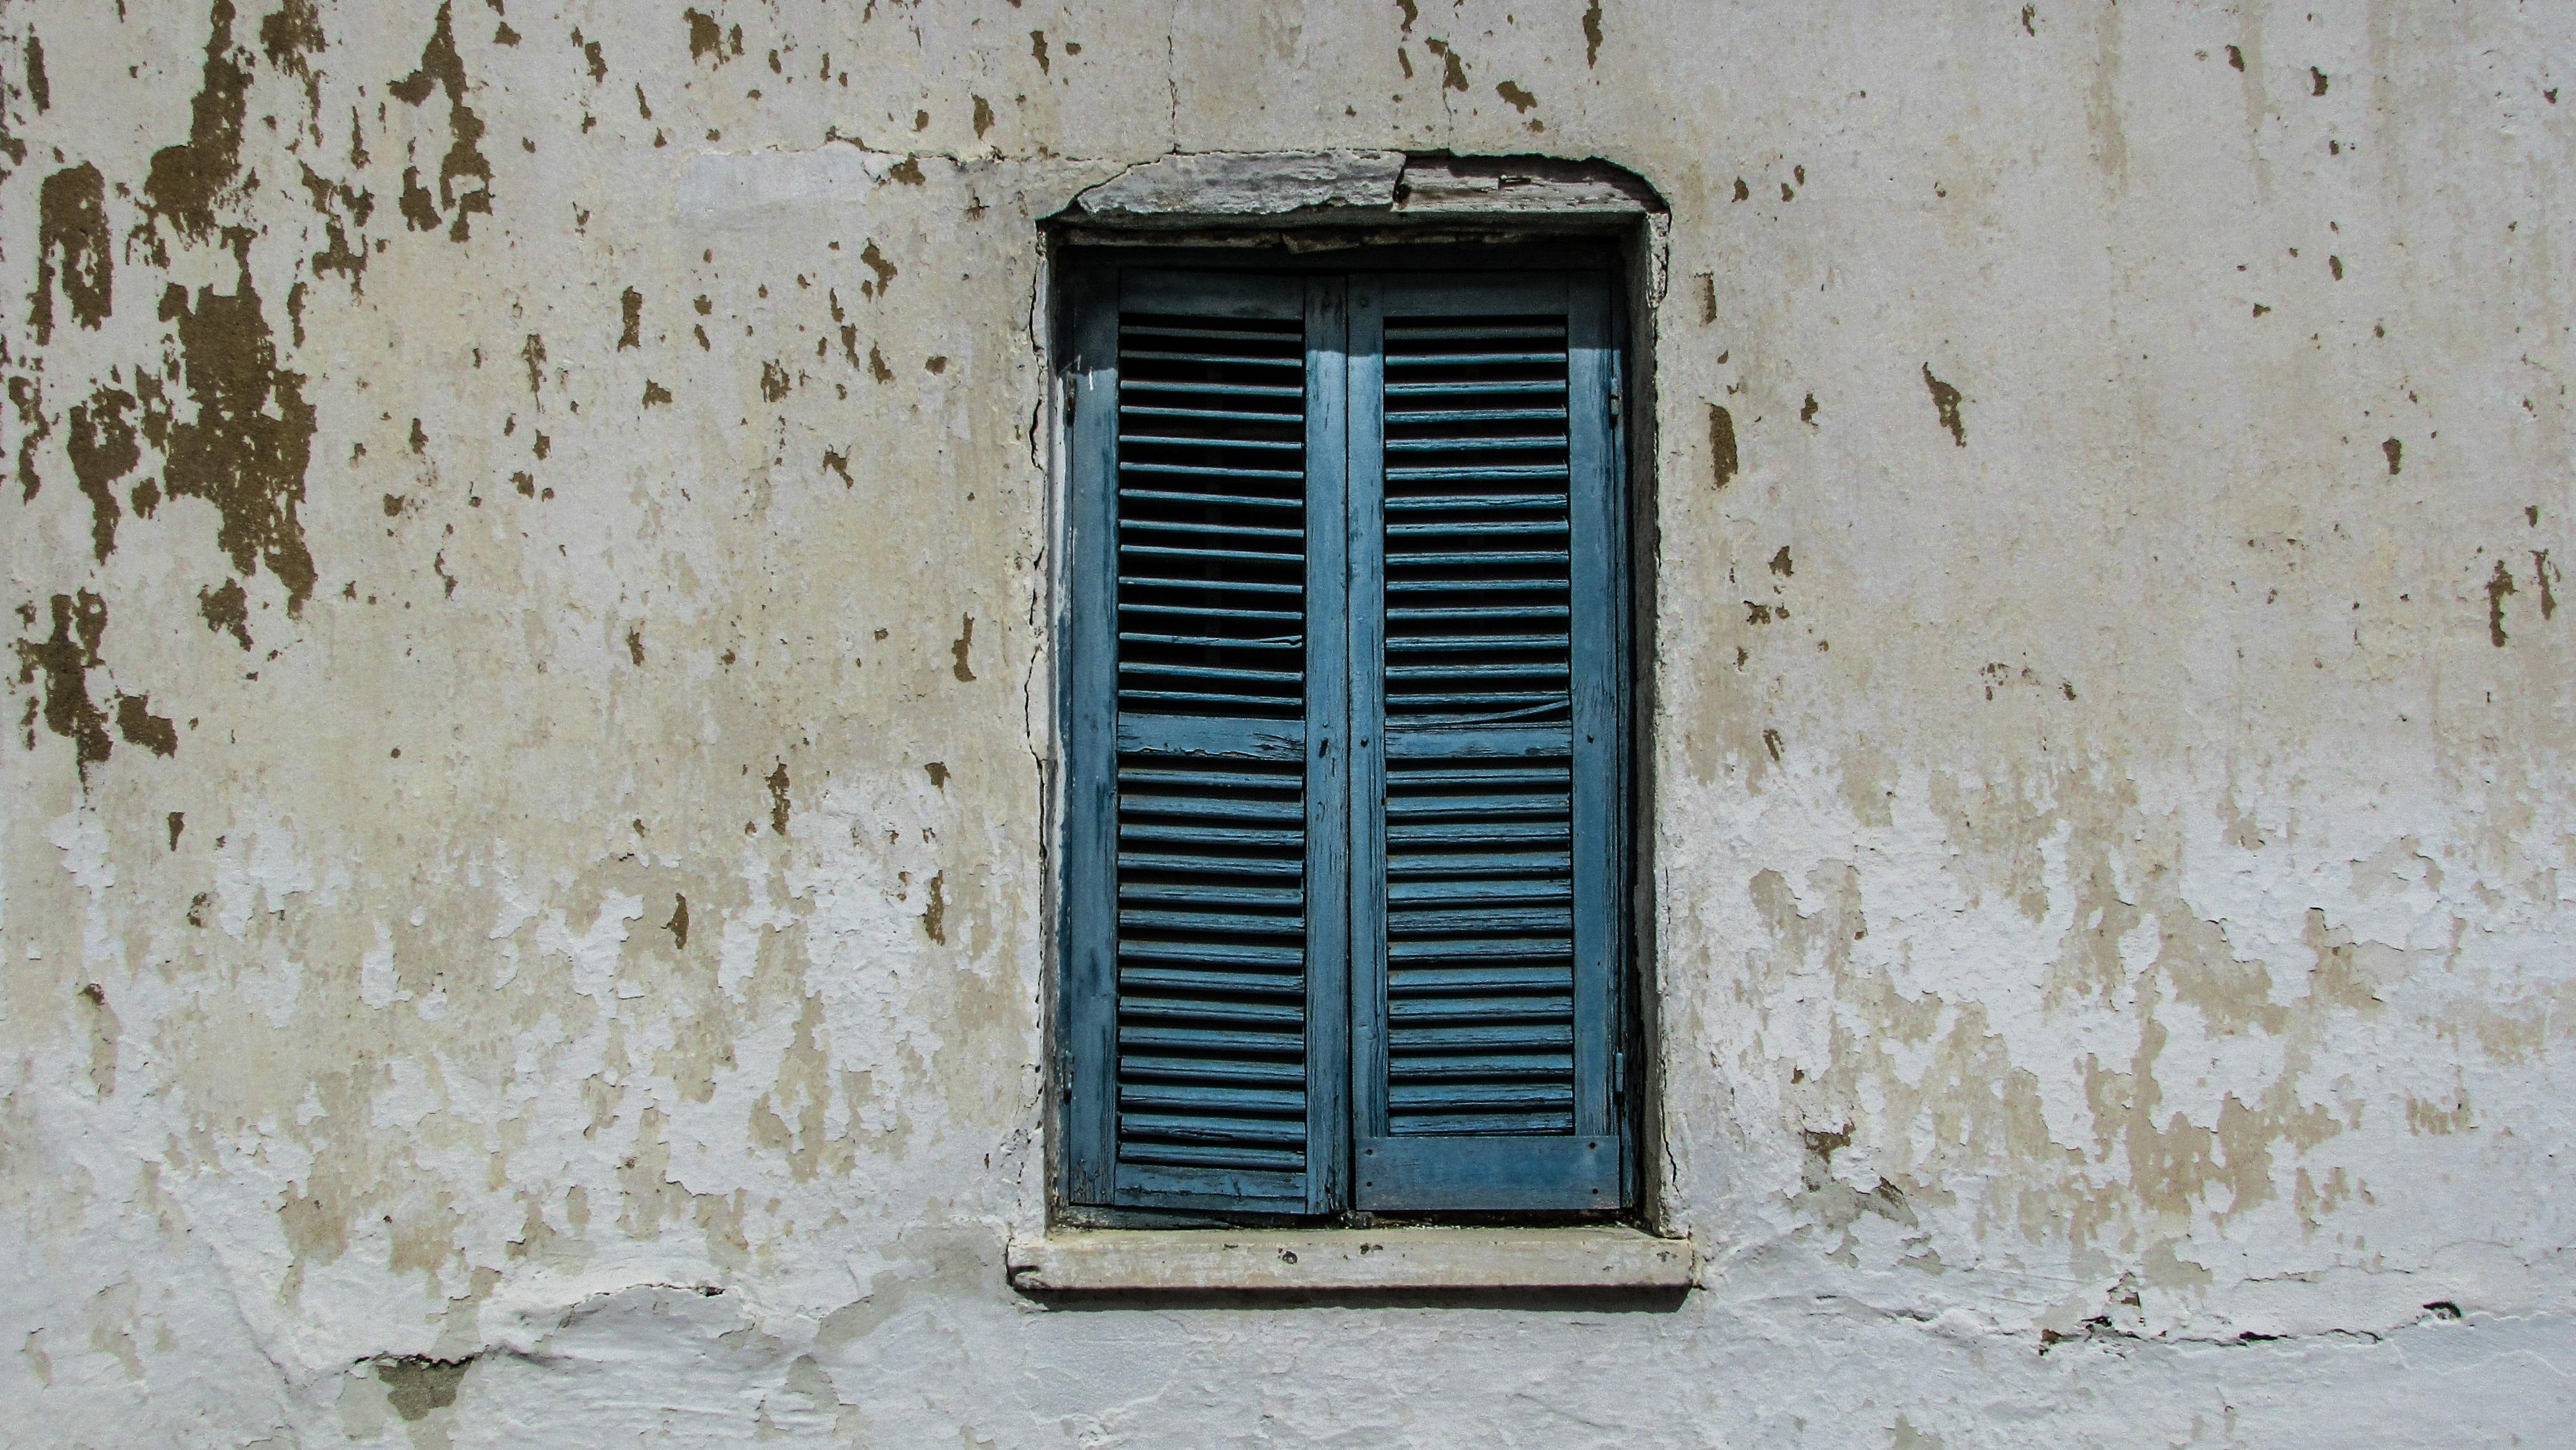 Couleur Façade Maison Ancienne images gratuites : blanc, mur, couleur, façade, bleu, noir